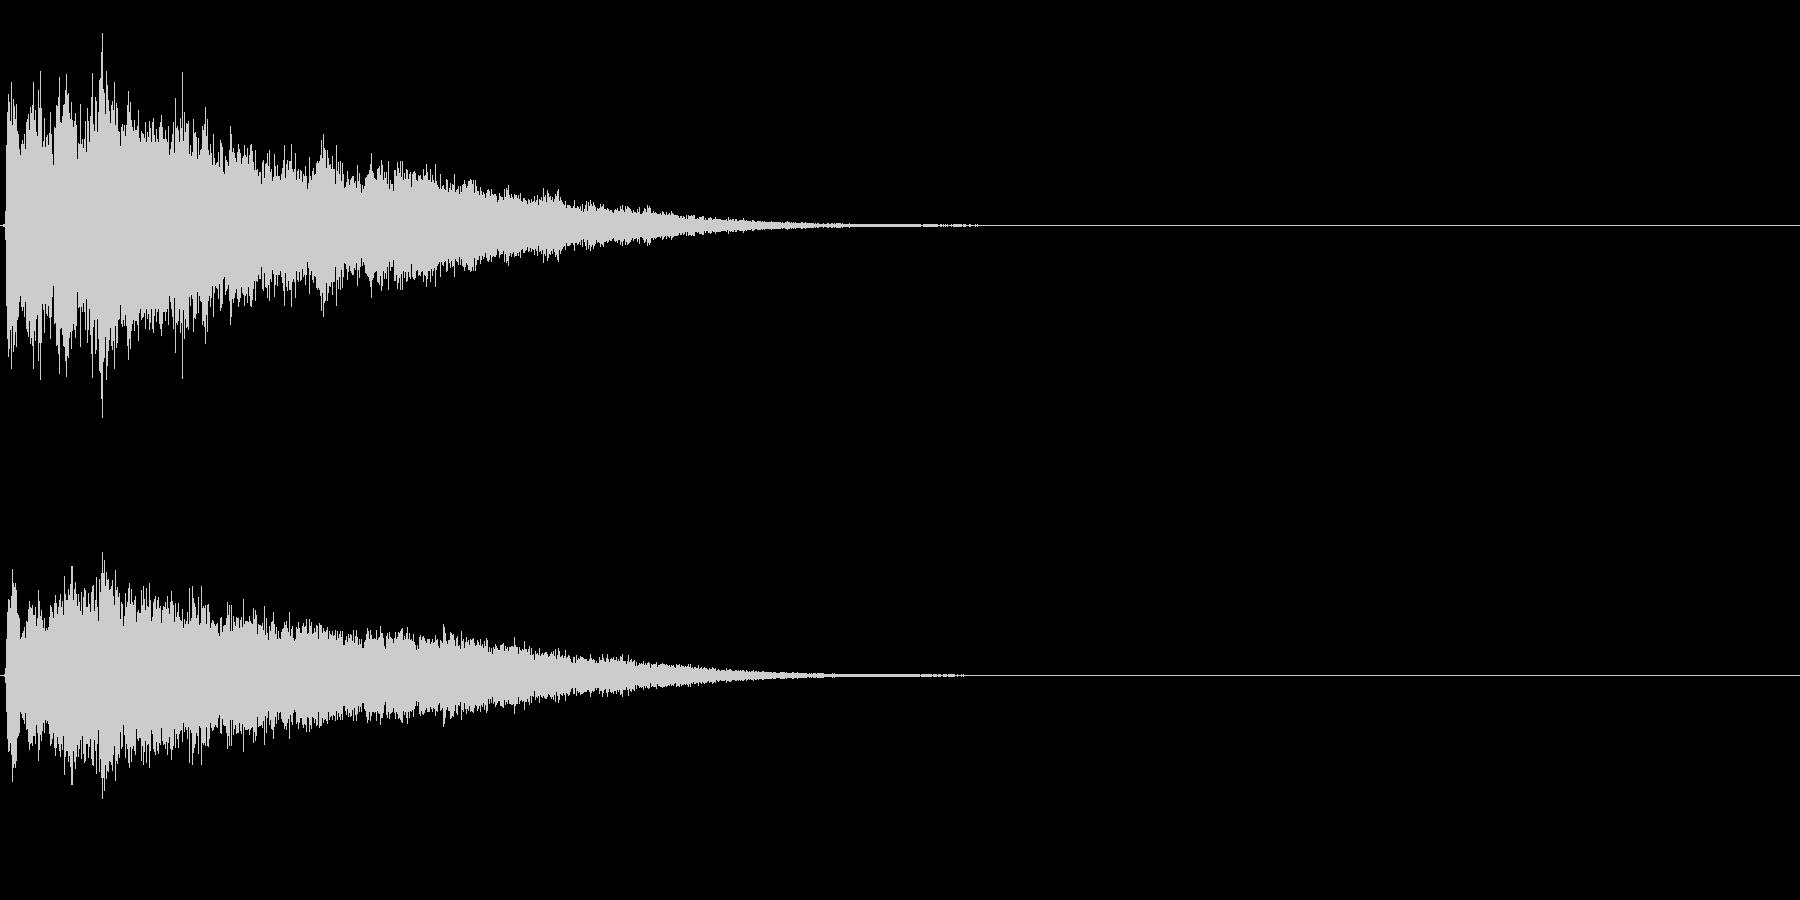 ゲームスタート、決定、ボタン音-024の未再生の波形